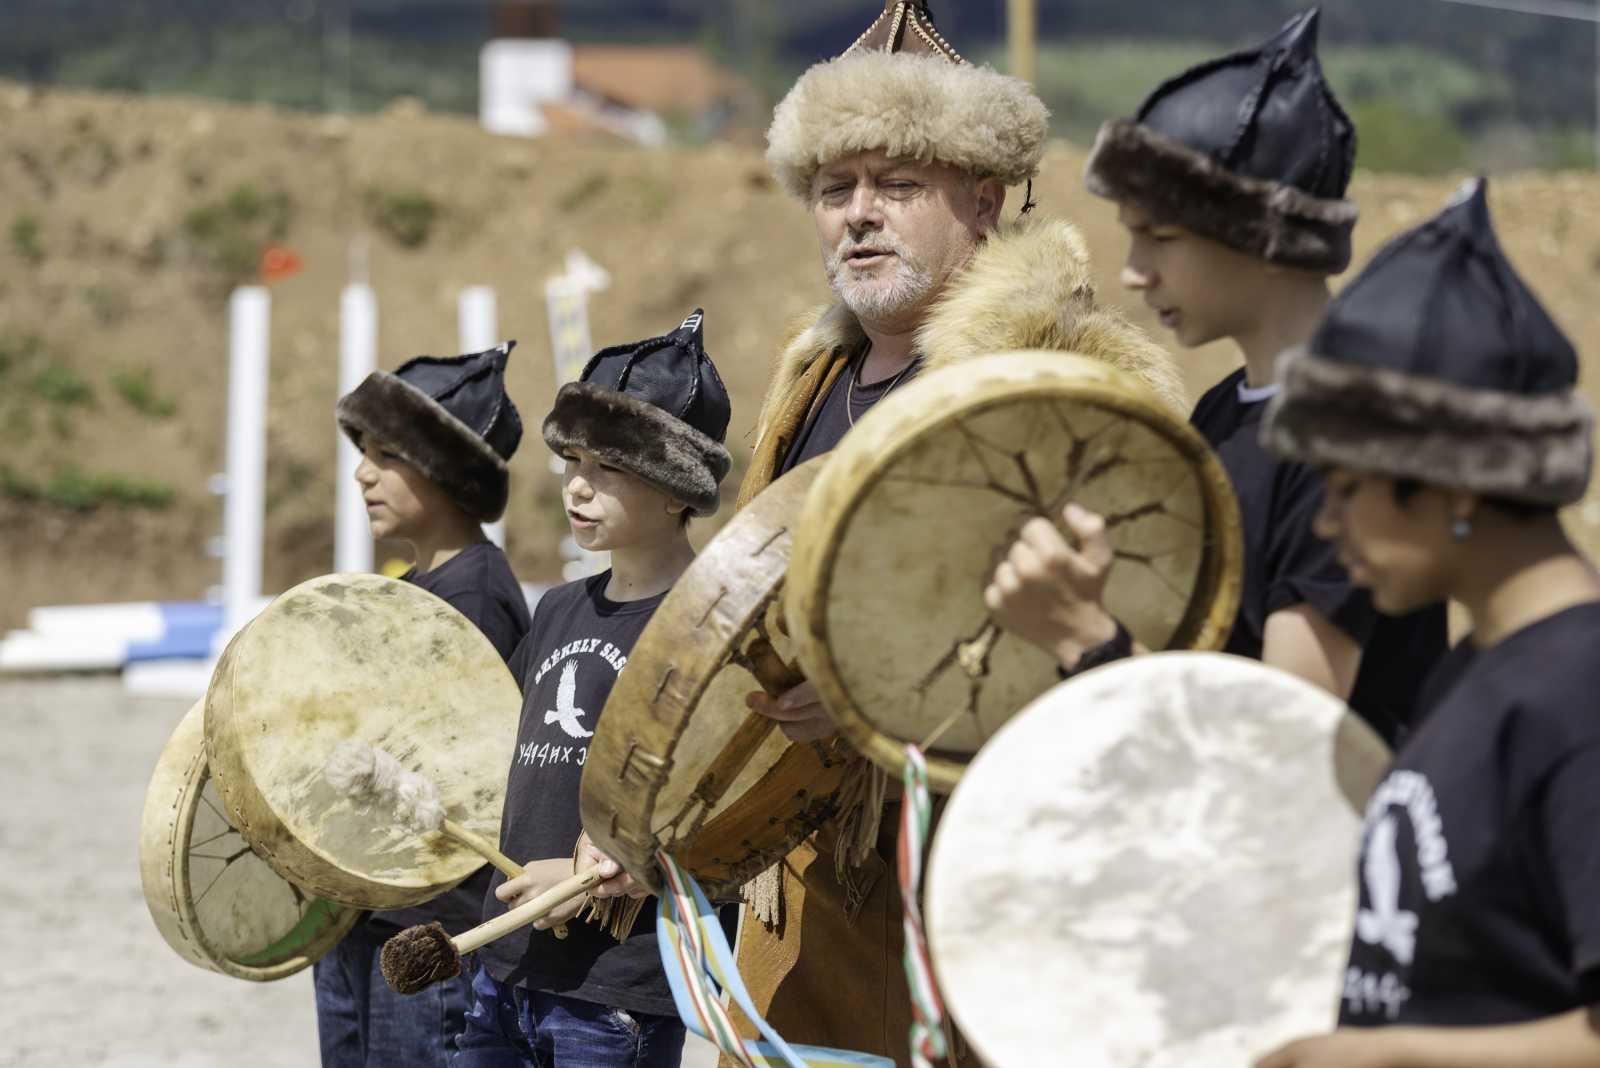 A Székely Sasok sámánéneke is színesítette a programot.